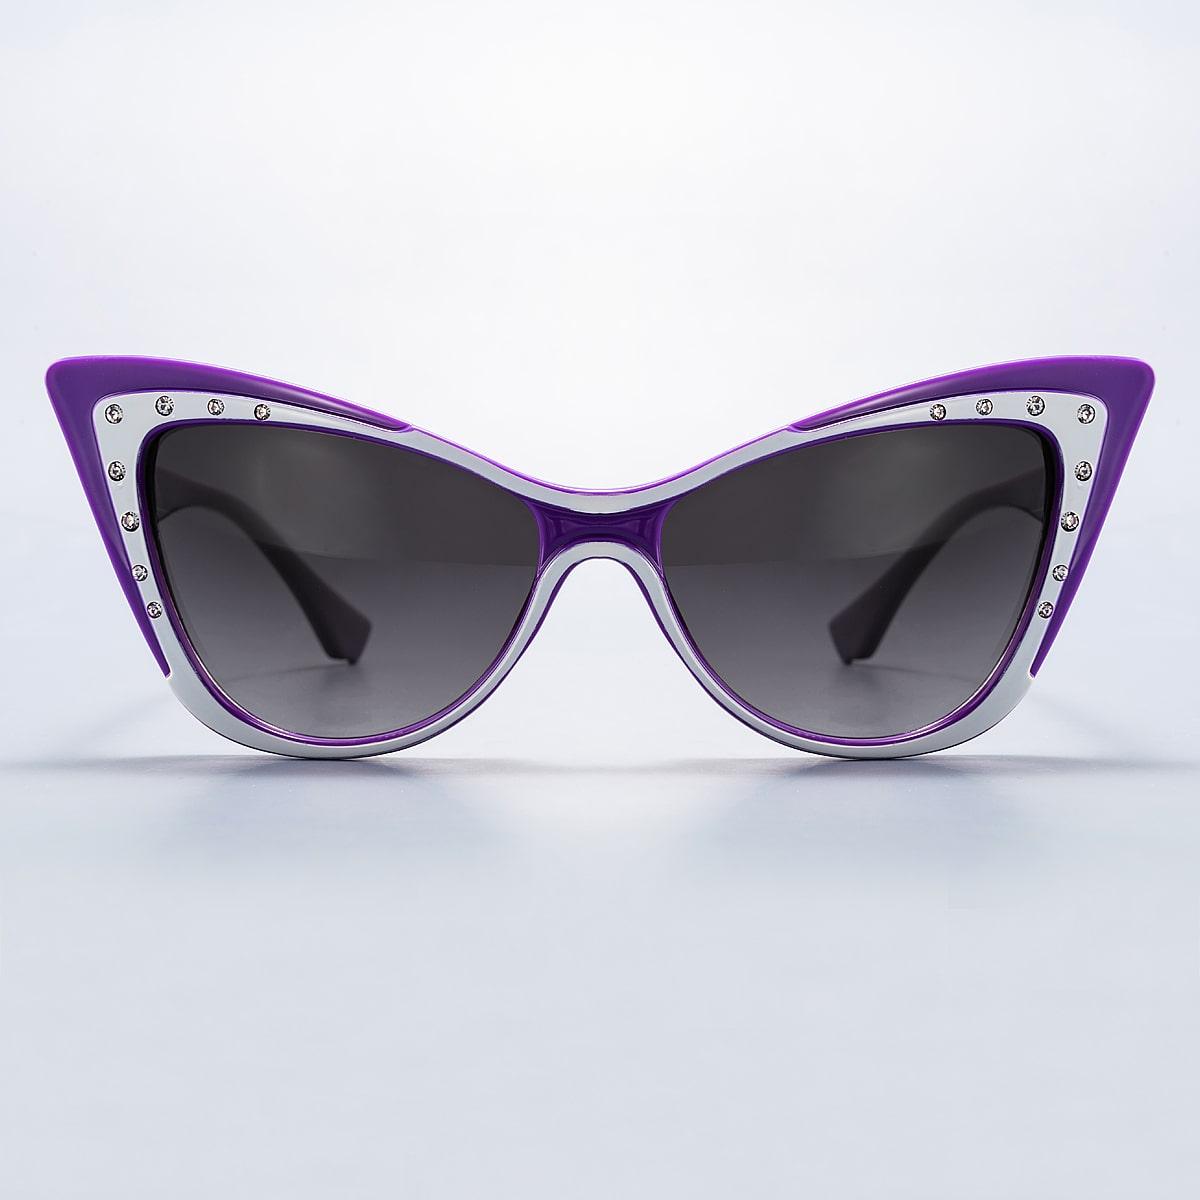 Солнечные очки в форме кошачьего глаза со стразами